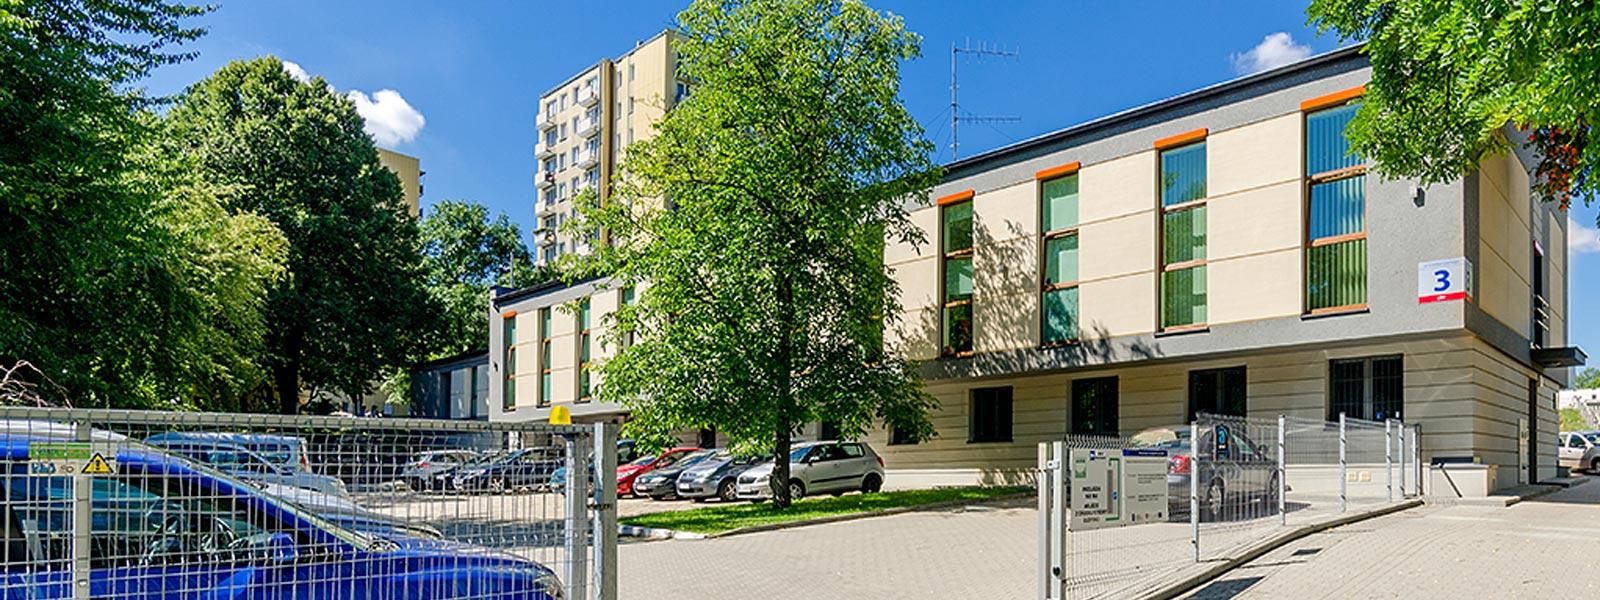 LUBLIN ul. Leszka Czarnego  - TNGS Tomasz Karman - Biuro Obsługi Inwestora - Lublin